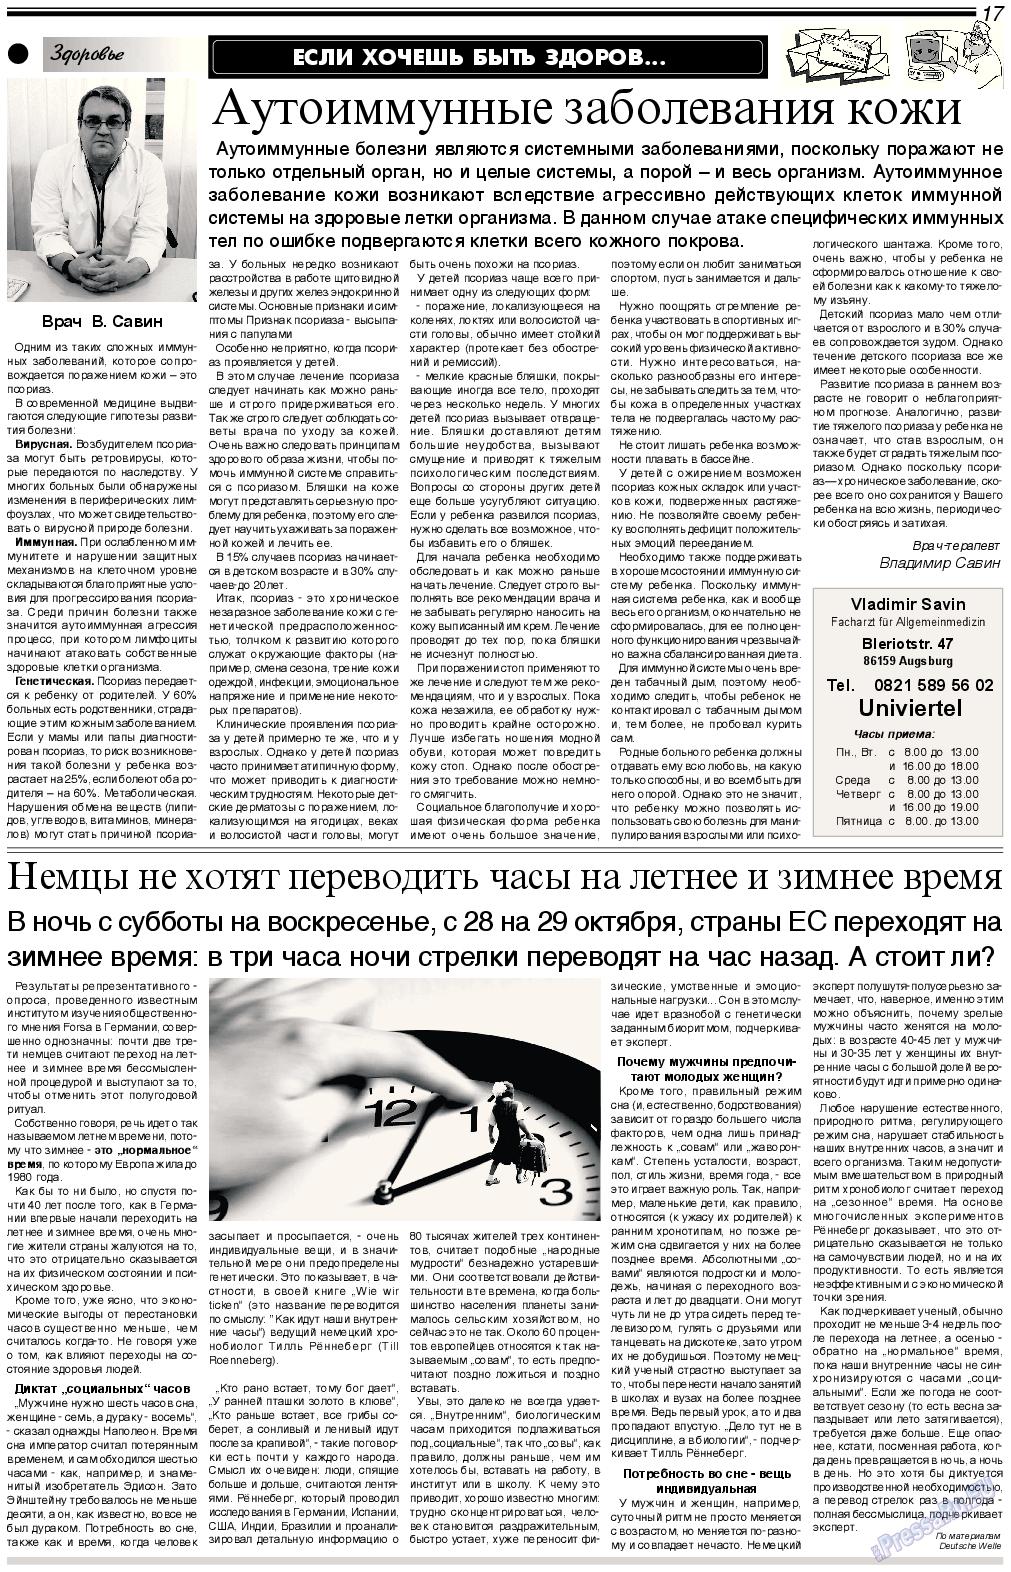 Вечерняя газета (газета). 2017 год, номер 11, стр. 17